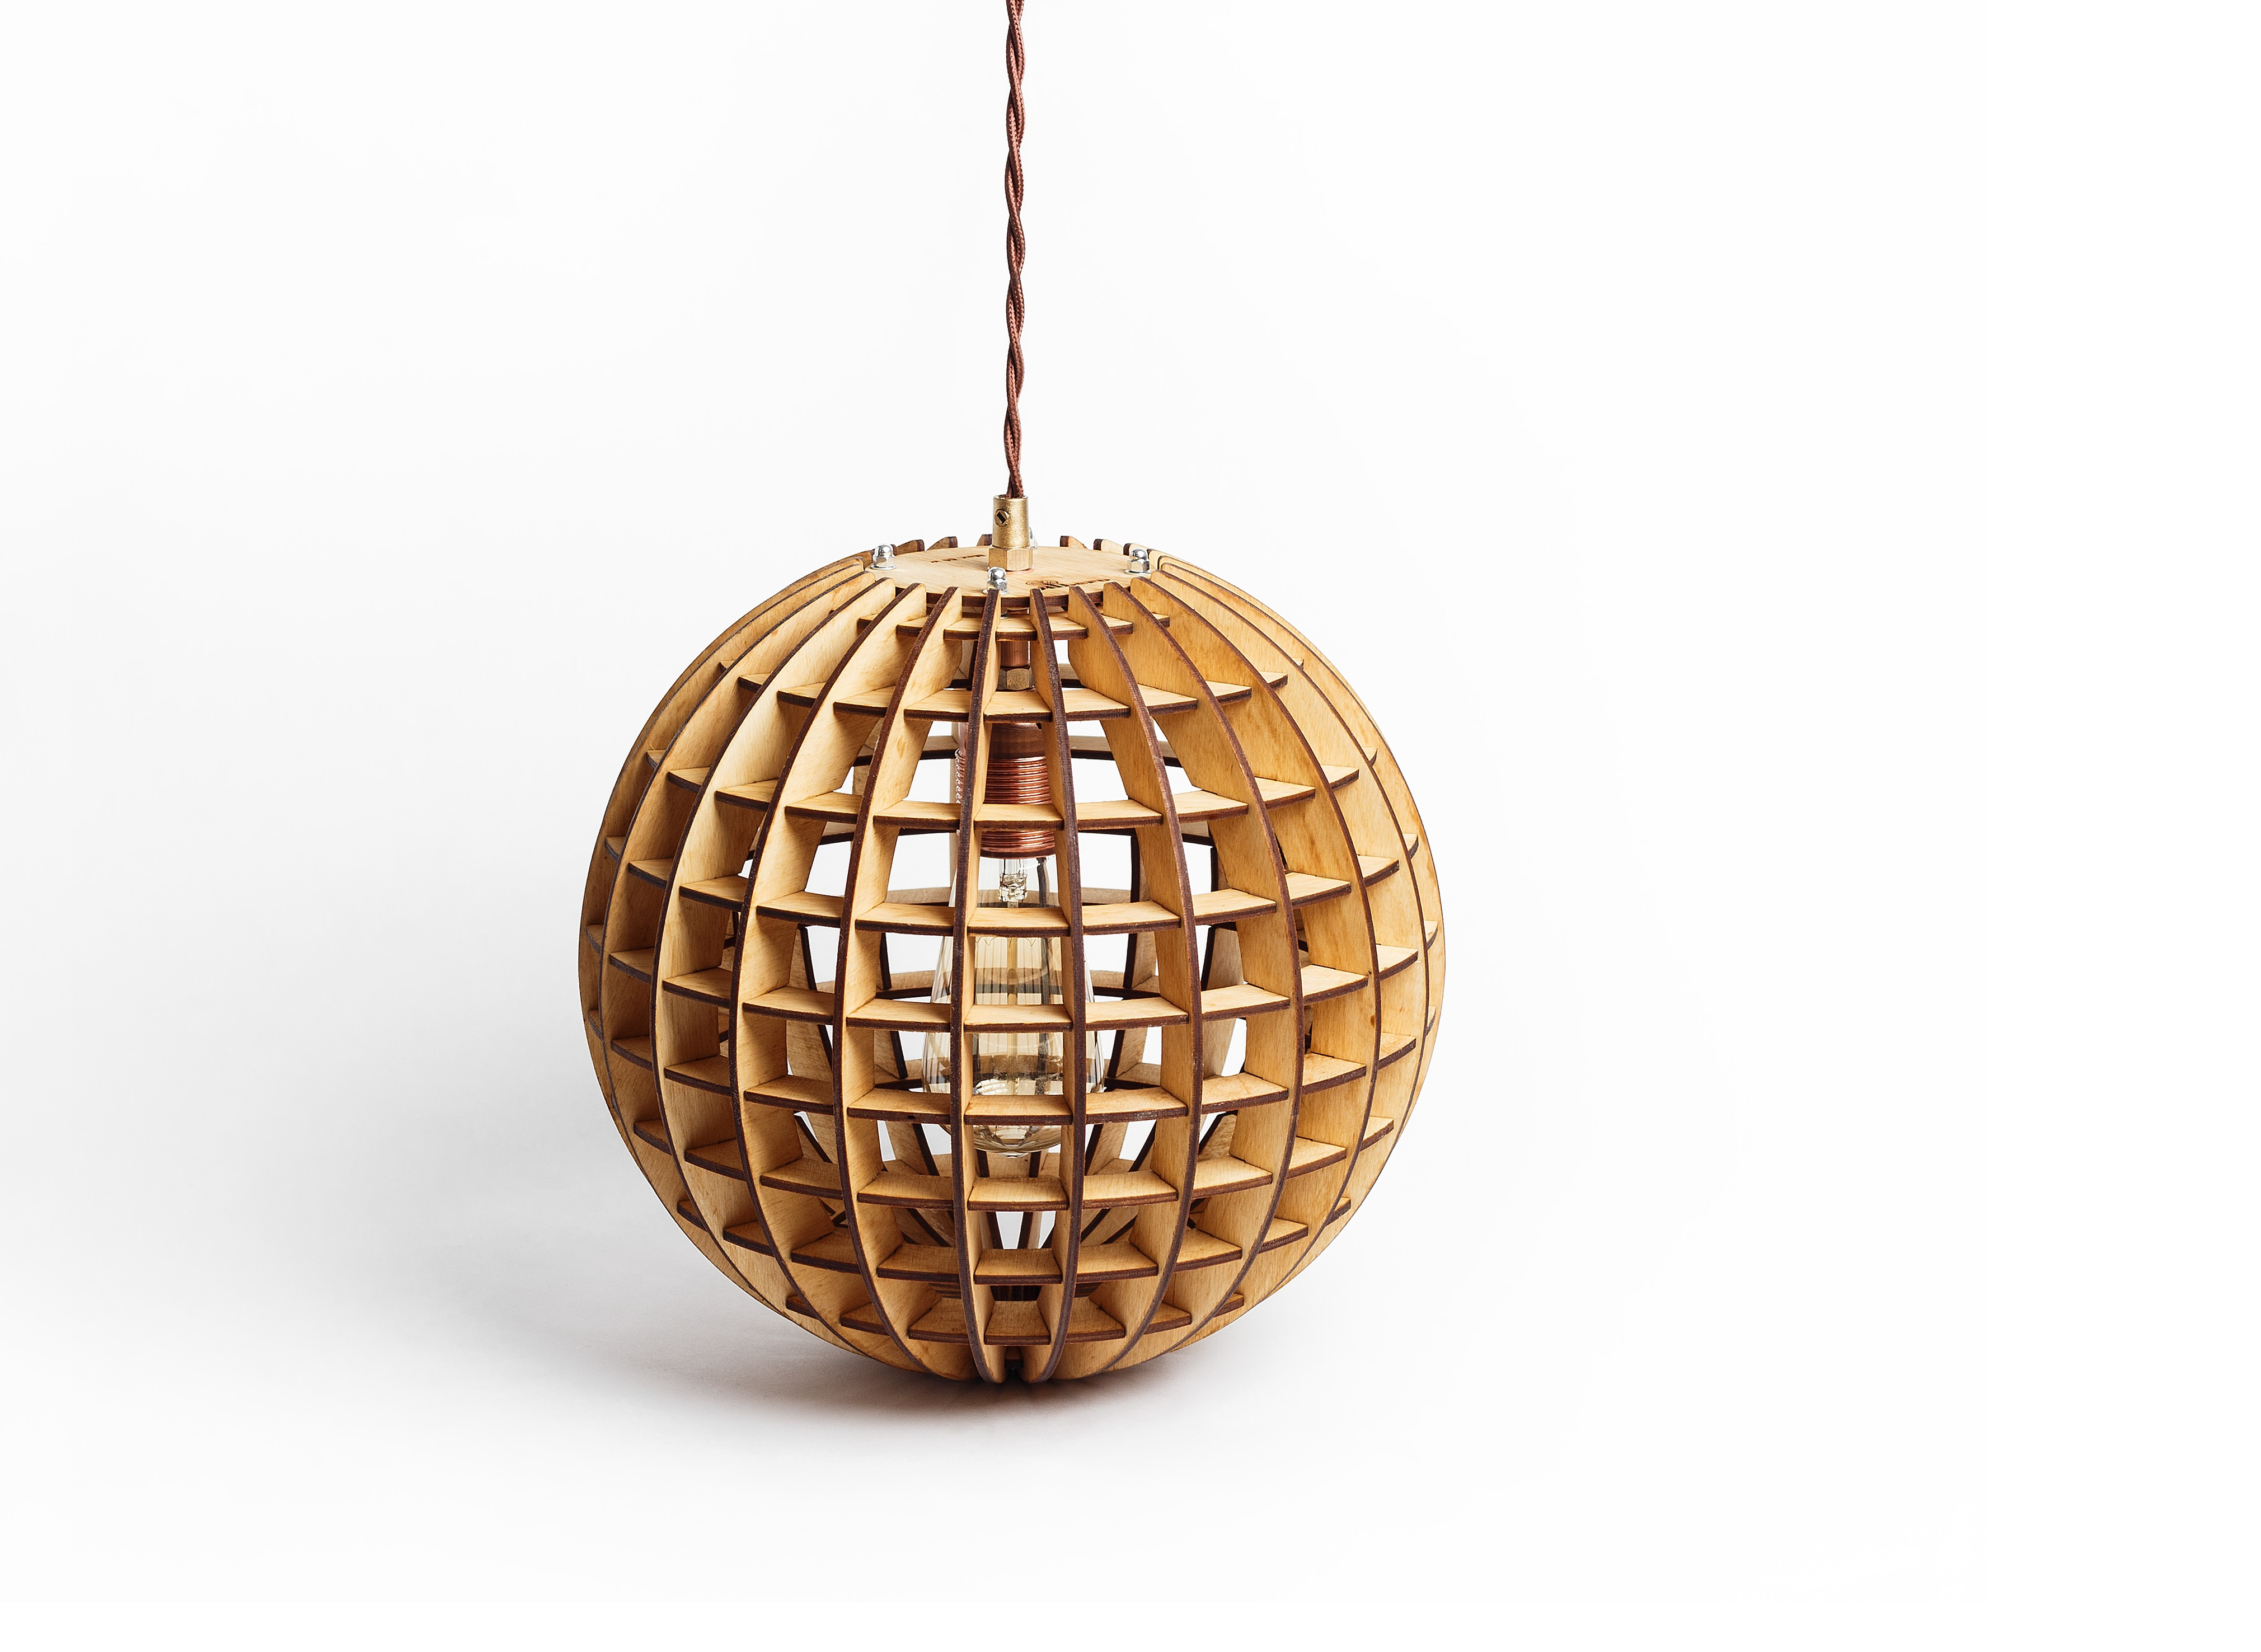 Деревянный светильник ГлобусПодвесные светильники<br>Деревянная люстра в стиле Лофт. Возможно изготовление в двух цветах - натуральный ( покрытый лаком ) и темный ( мореный ) Поставляется в собранном виде.&amp;lt;div&amp;gt;&amp;lt;br&amp;gt;&amp;lt;/div&amp;gt;&amp;lt;div&amp;gt;&amp;lt;div&amp;gt;Вид цоколя: E27&amp;lt;/div&amp;gt;&amp;lt;div&amp;gt;Мощность: 60W&amp;lt;/div&amp;gt;&amp;lt;div&amp;gt;Количество ламп: 1 (нет в комплекте)&amp;lt;/div&amp;gt;&amp;lt;/div&amp;gt;<br><br>Material: Дерево<br>Length см: None<br>Width см: None<br>Height см: 28<br>Diameter см: 30